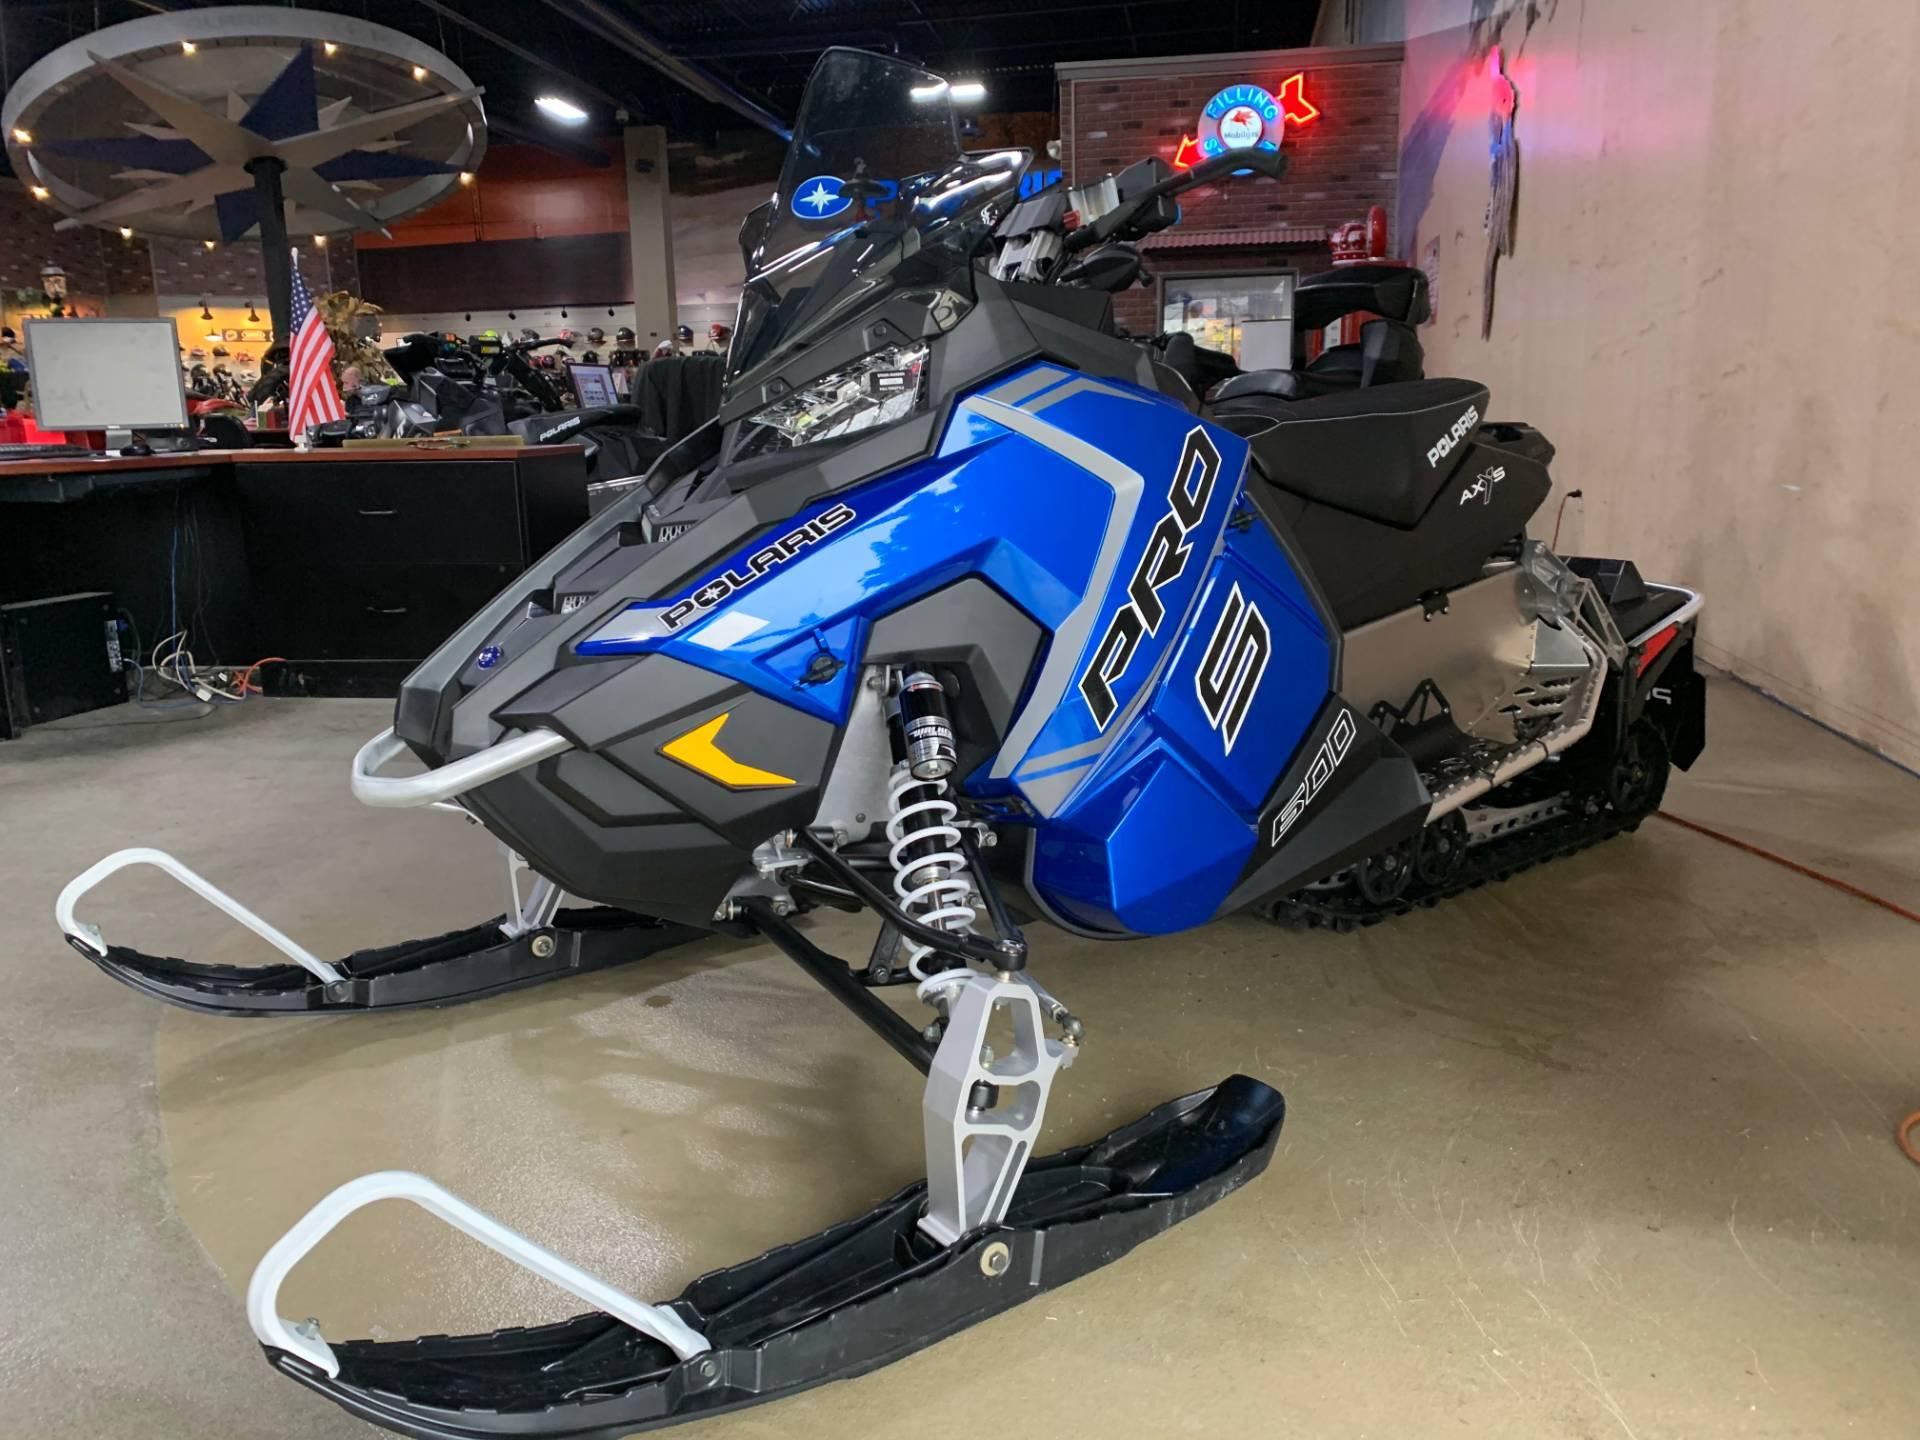 2018 Polaris 600 RUSH PRO-S for sale 1787